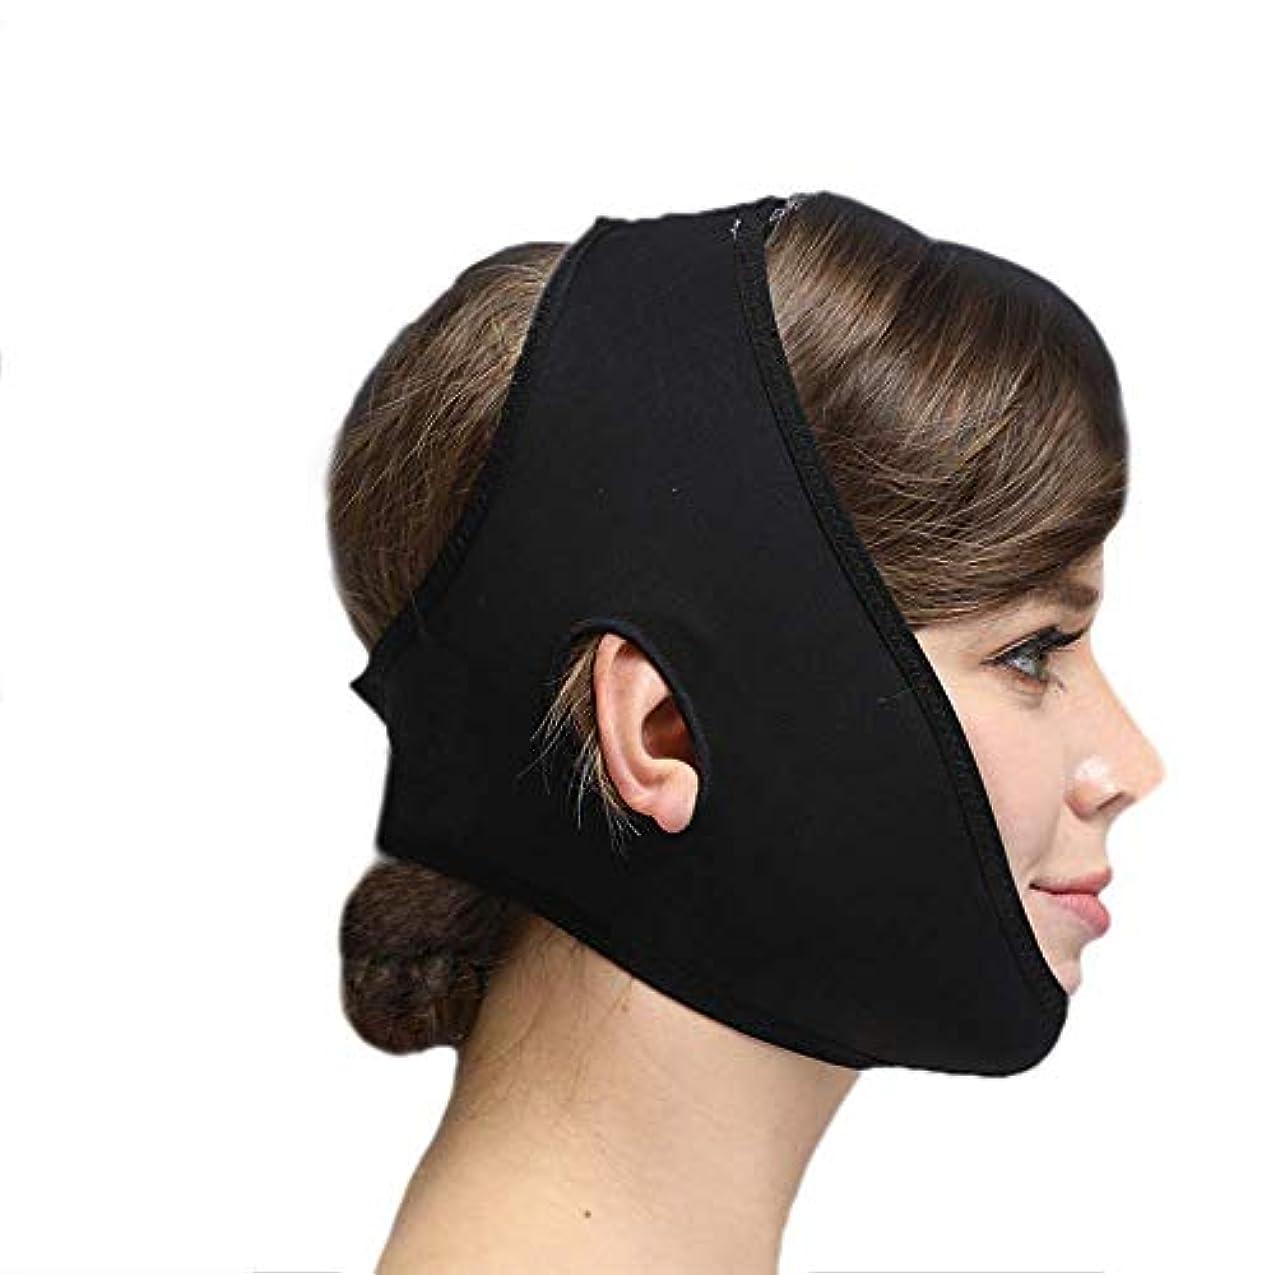 発行するきょうだいおフェイススリミングマスク、快適さと通気性、フェイシャルリフティング、輪郭の改善された硬さ、ファーミングとリフティングフェイス(カラー:ブラック、サイズ:XL),ブラック2、M